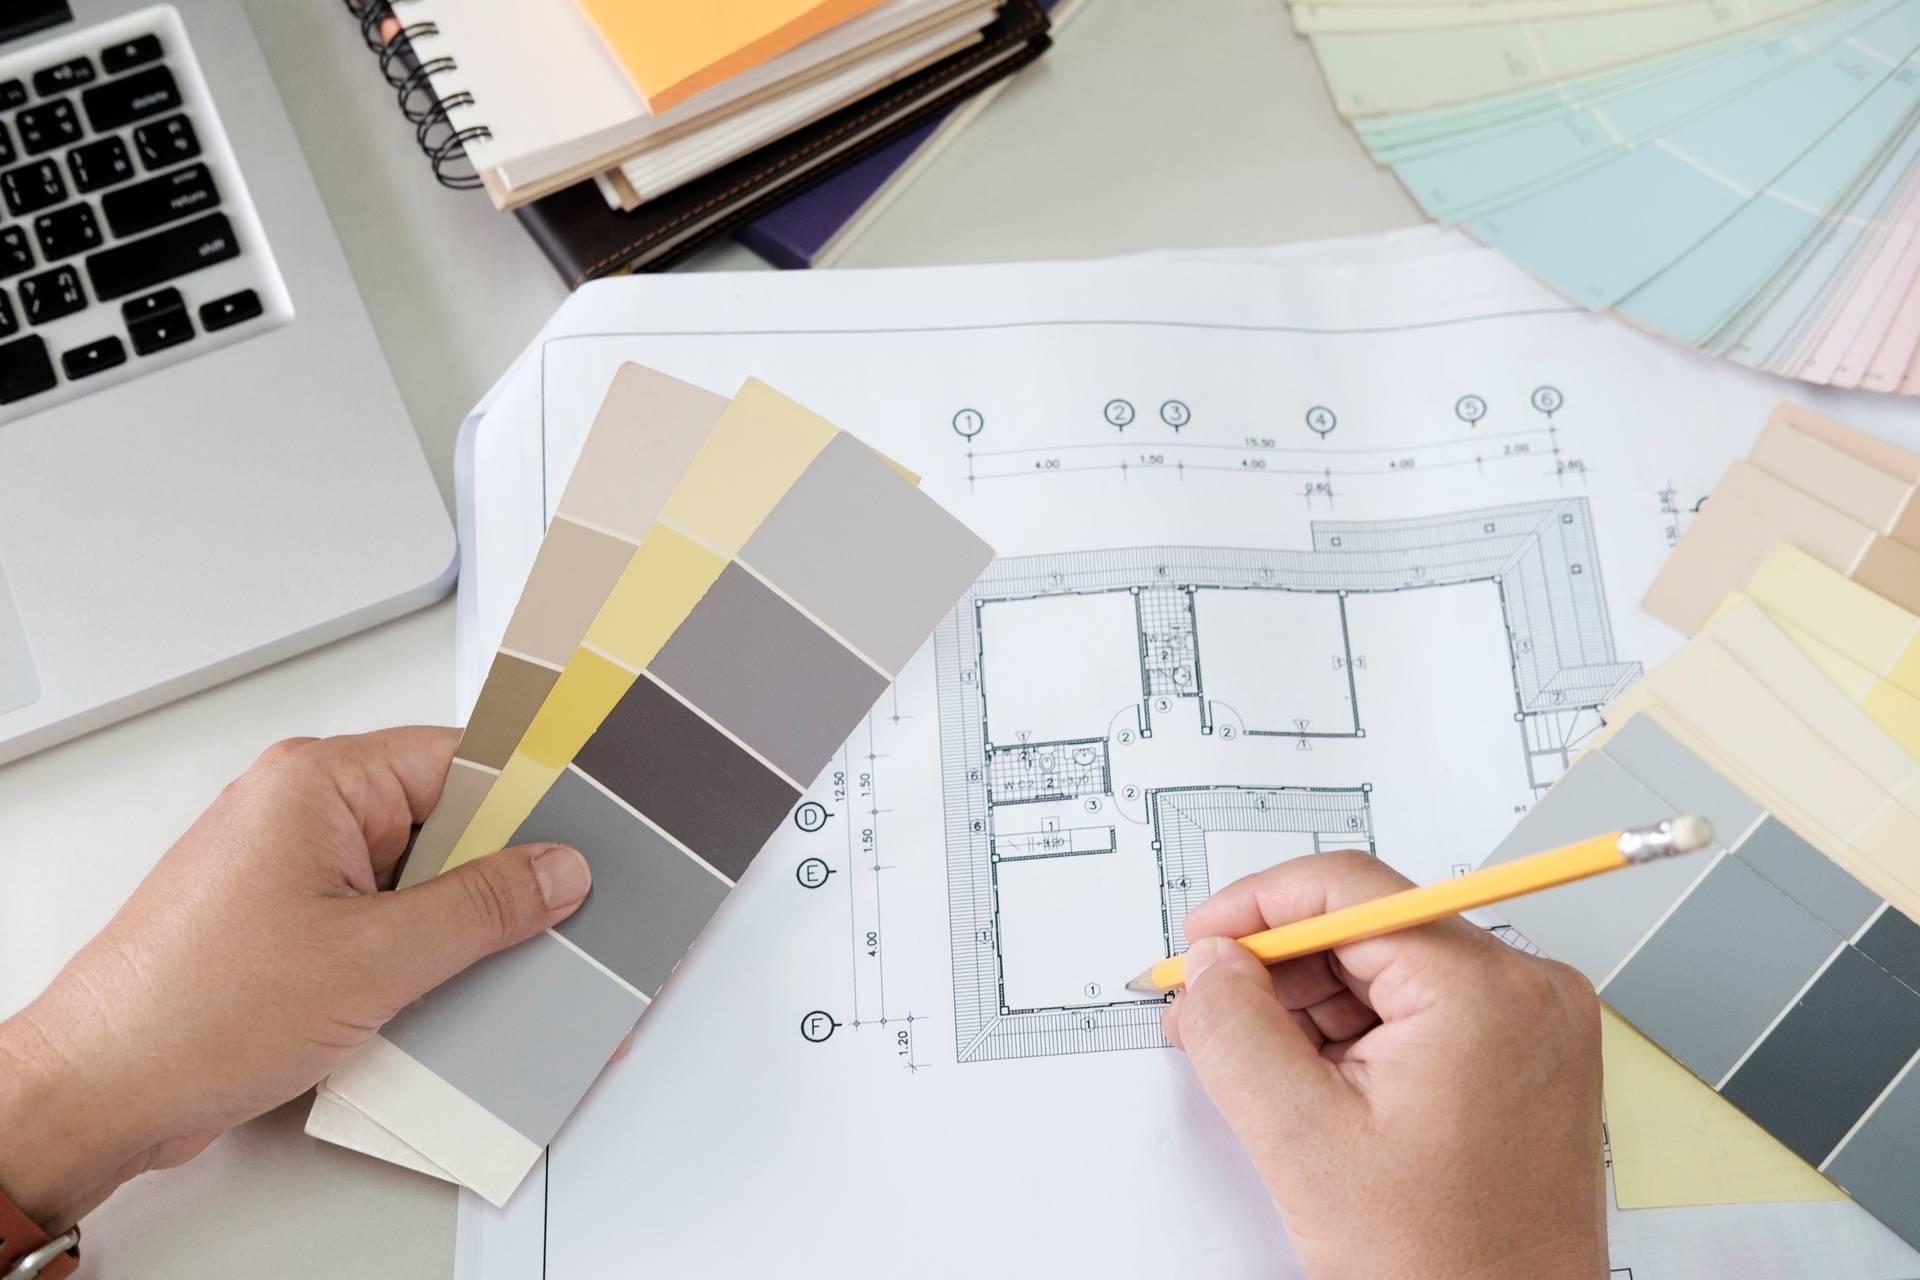 Project Management at KRK Interior Design